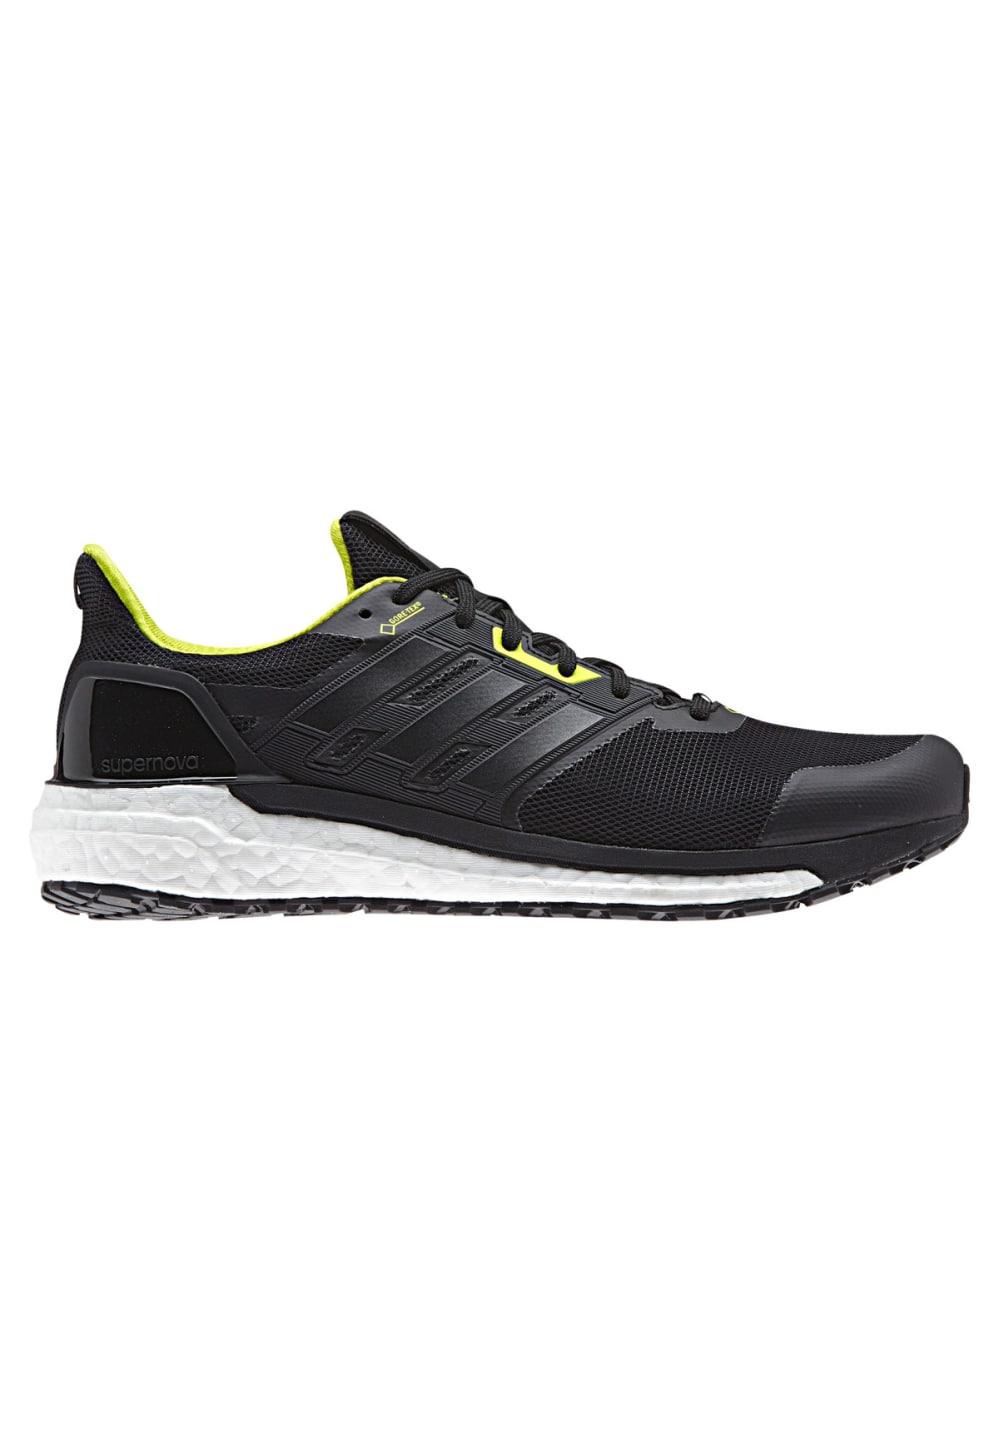 new product b075a 824b2 Next. -50%. Ce produit est actuellement épuisé. adidas. Supernova Gore-Tex  - Chaussures running pour Homme